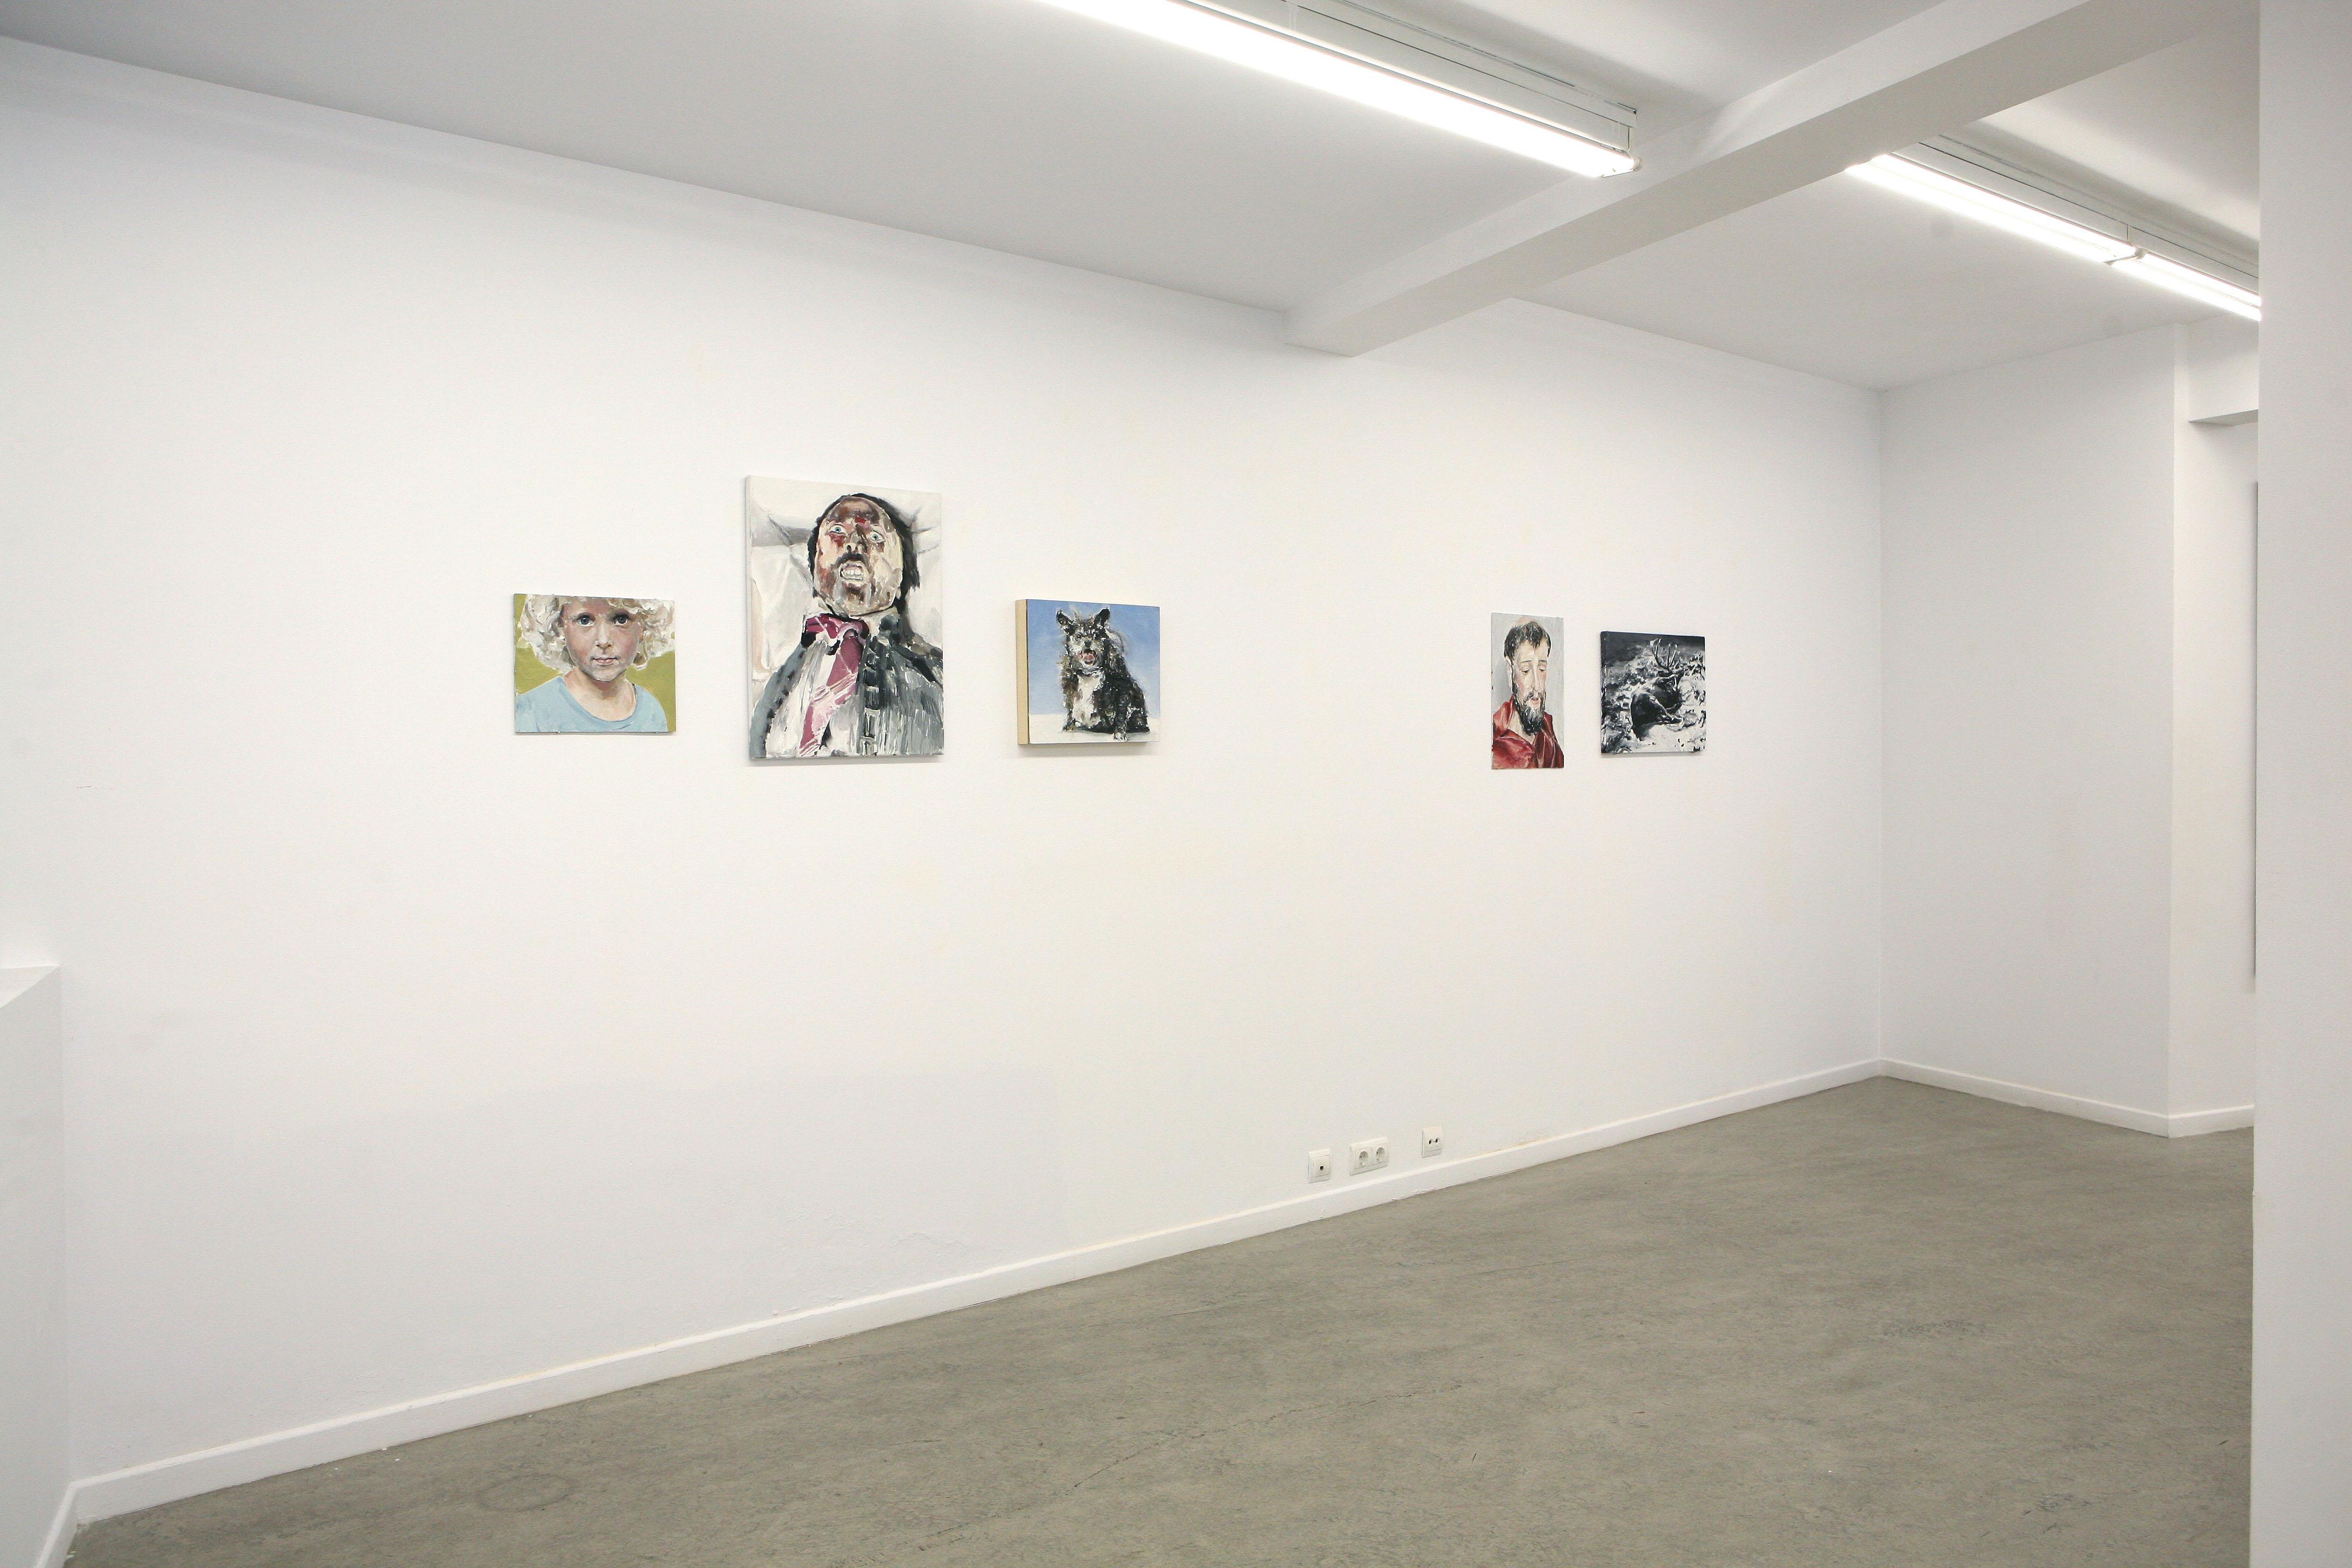 Exposición José y sus hermanos, Santiago Ydáñez. Galería Juan Silió, 2016.